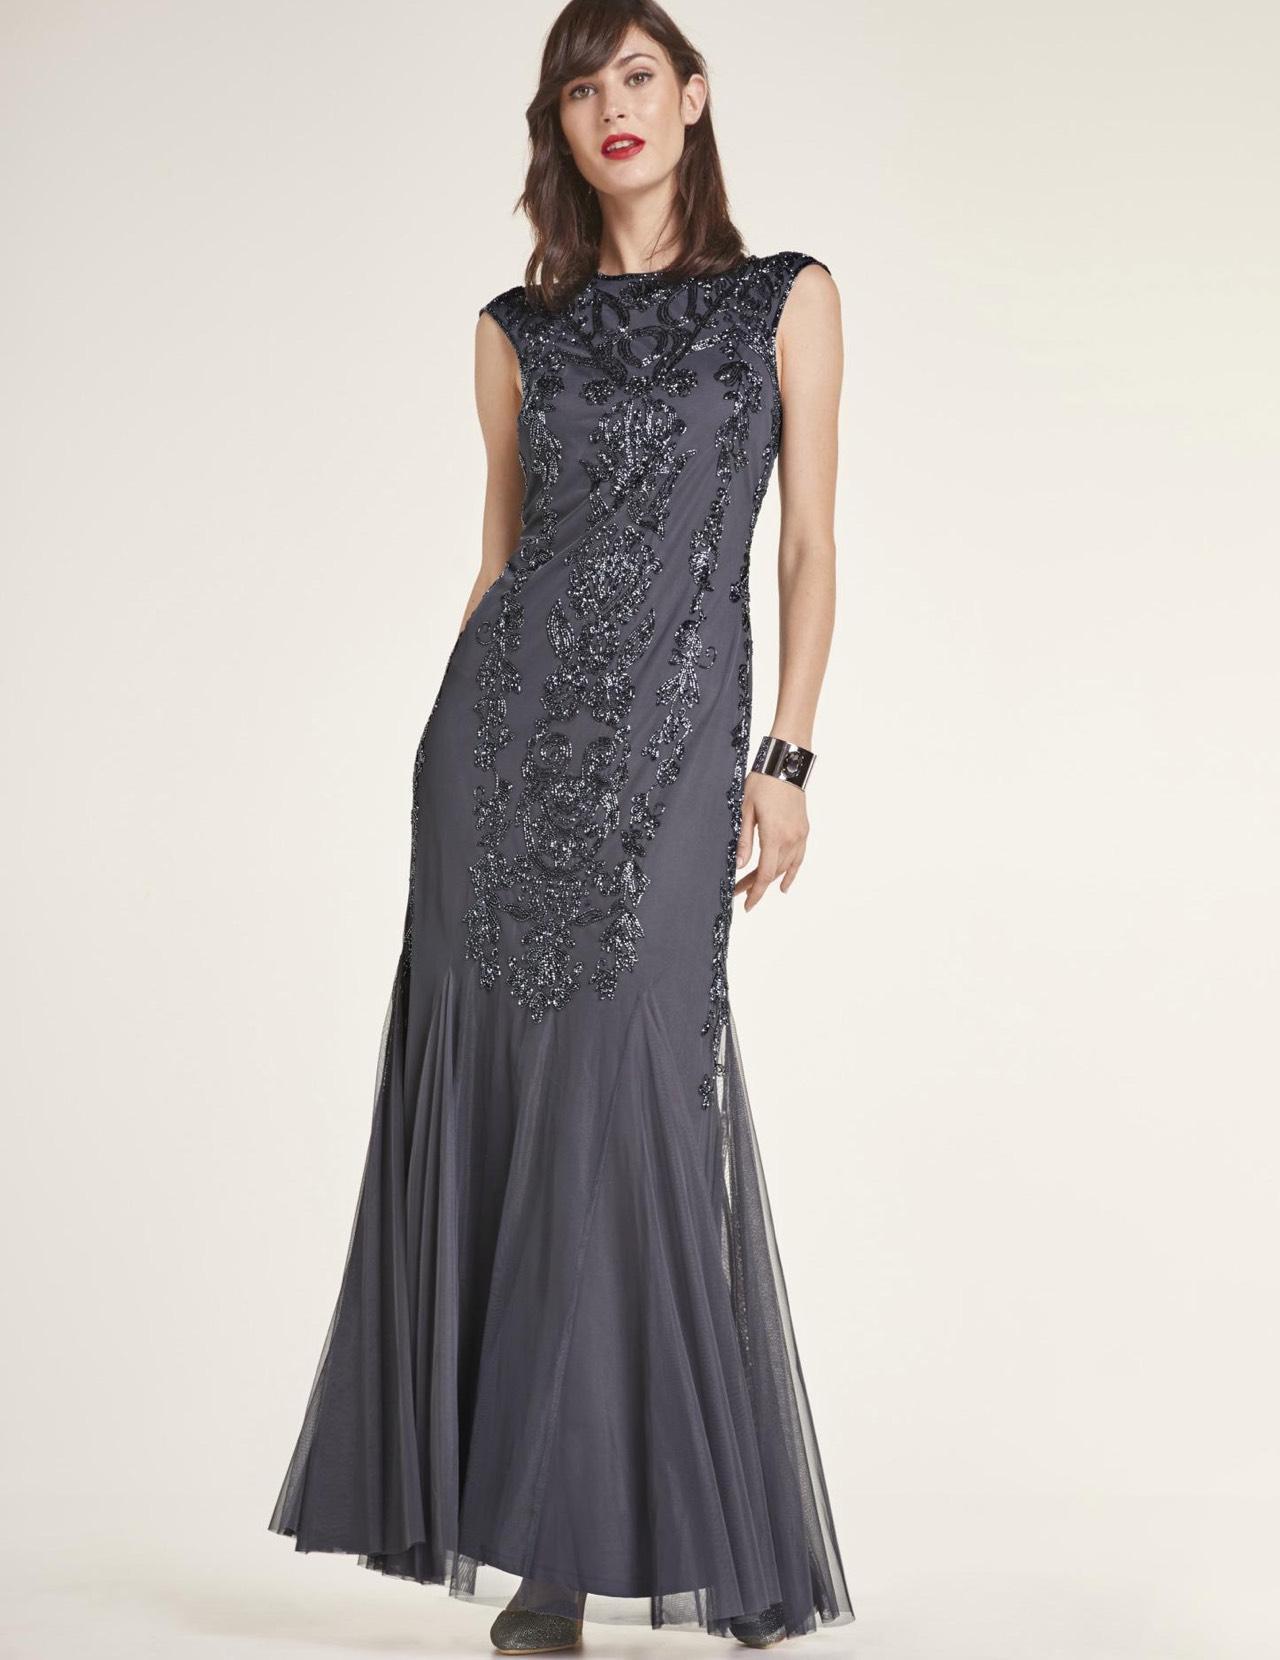 Brautmutter Outfit - Mode Für Die Brautmutter | Baur